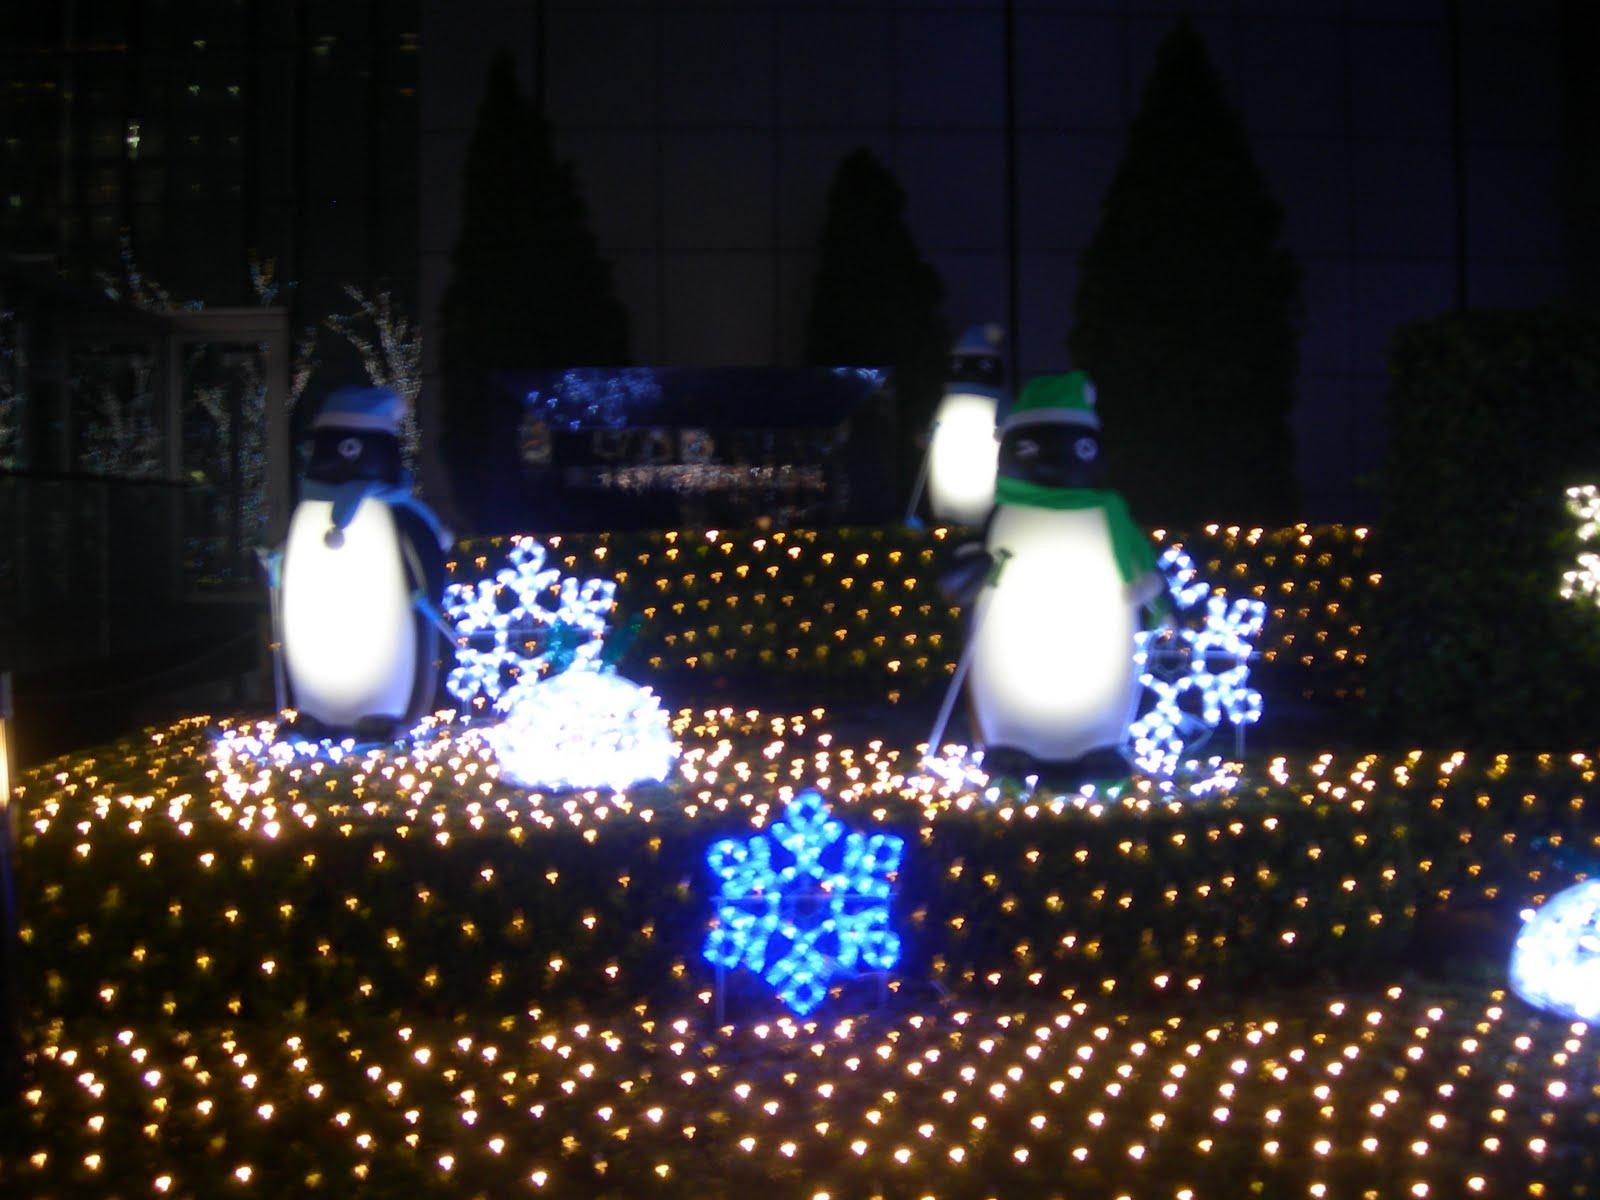 #0987C2 Une Lovely Au Japon 5327 decorations de noel au japon 1600x1200 px @ aertt.com